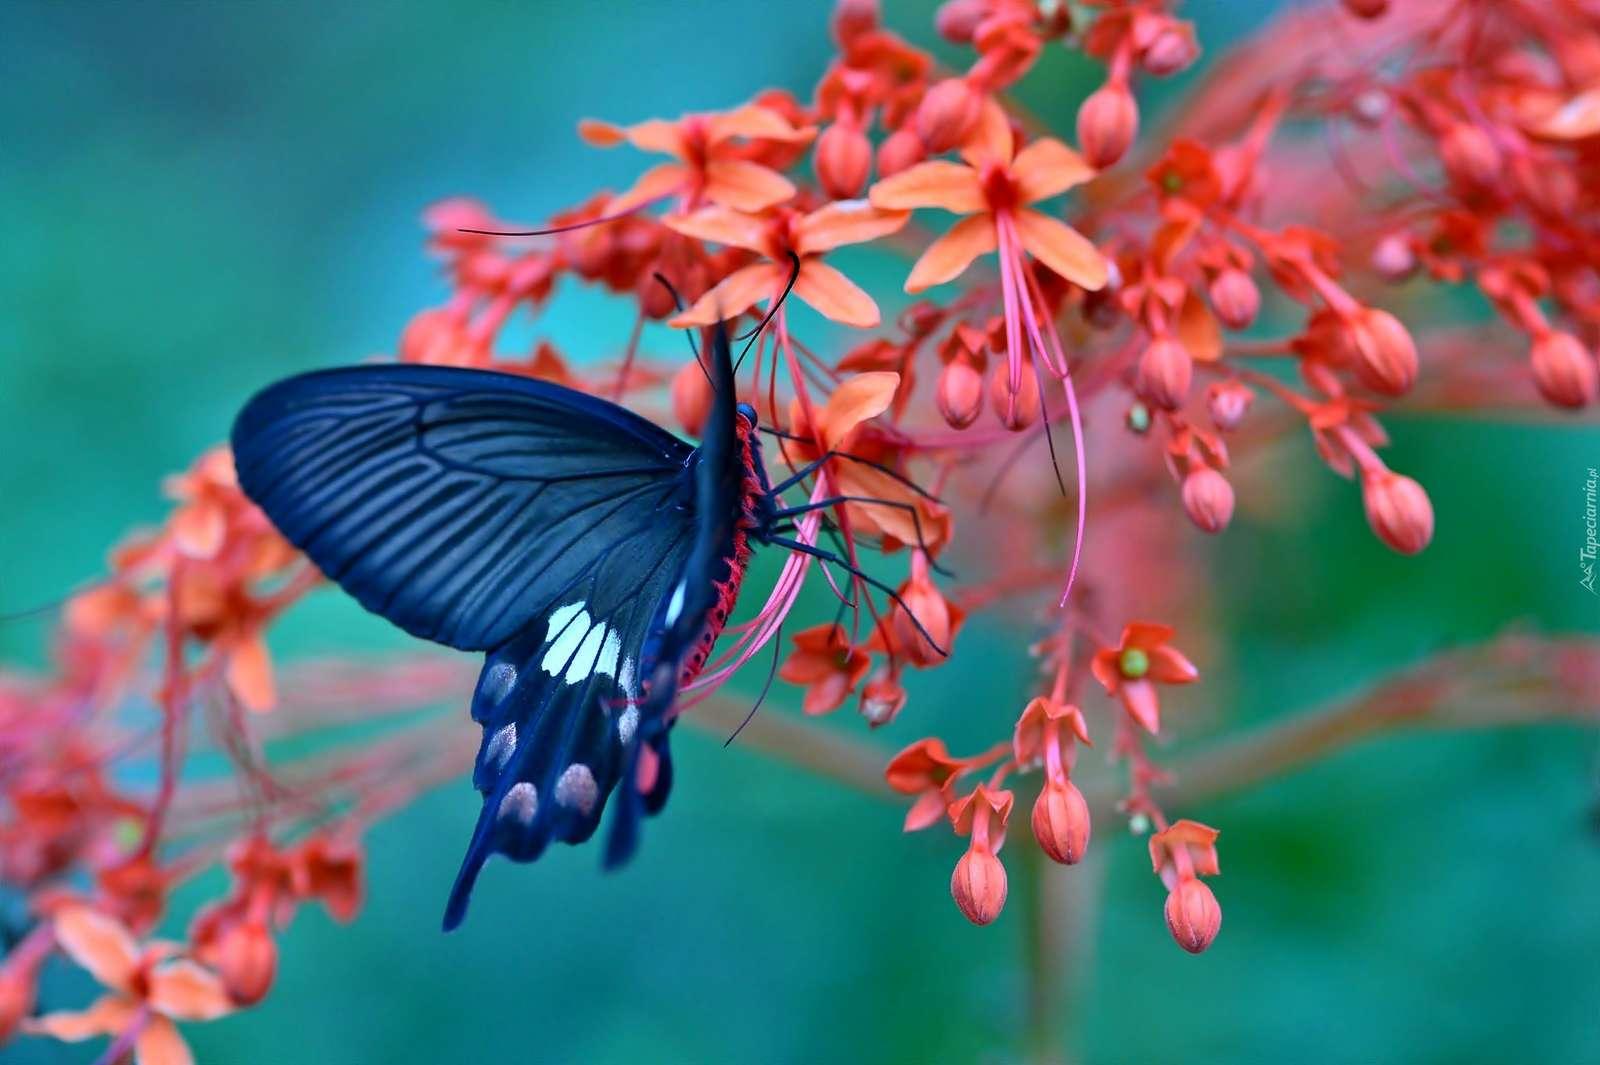 papillon - Fleurs. Fluture. Flori (5×5)